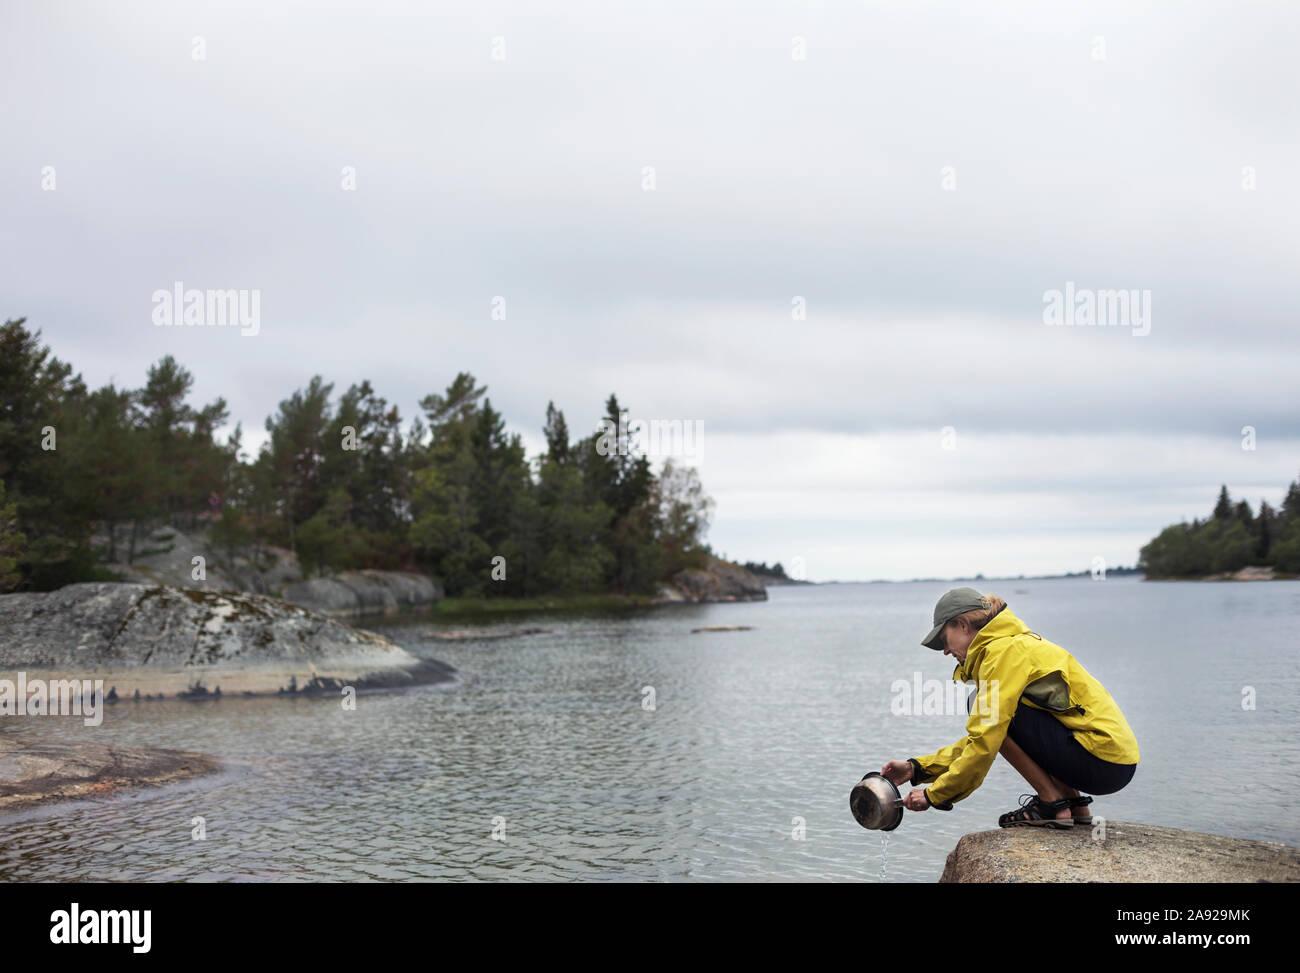 Frau Geschirr an einem See Stockfoto